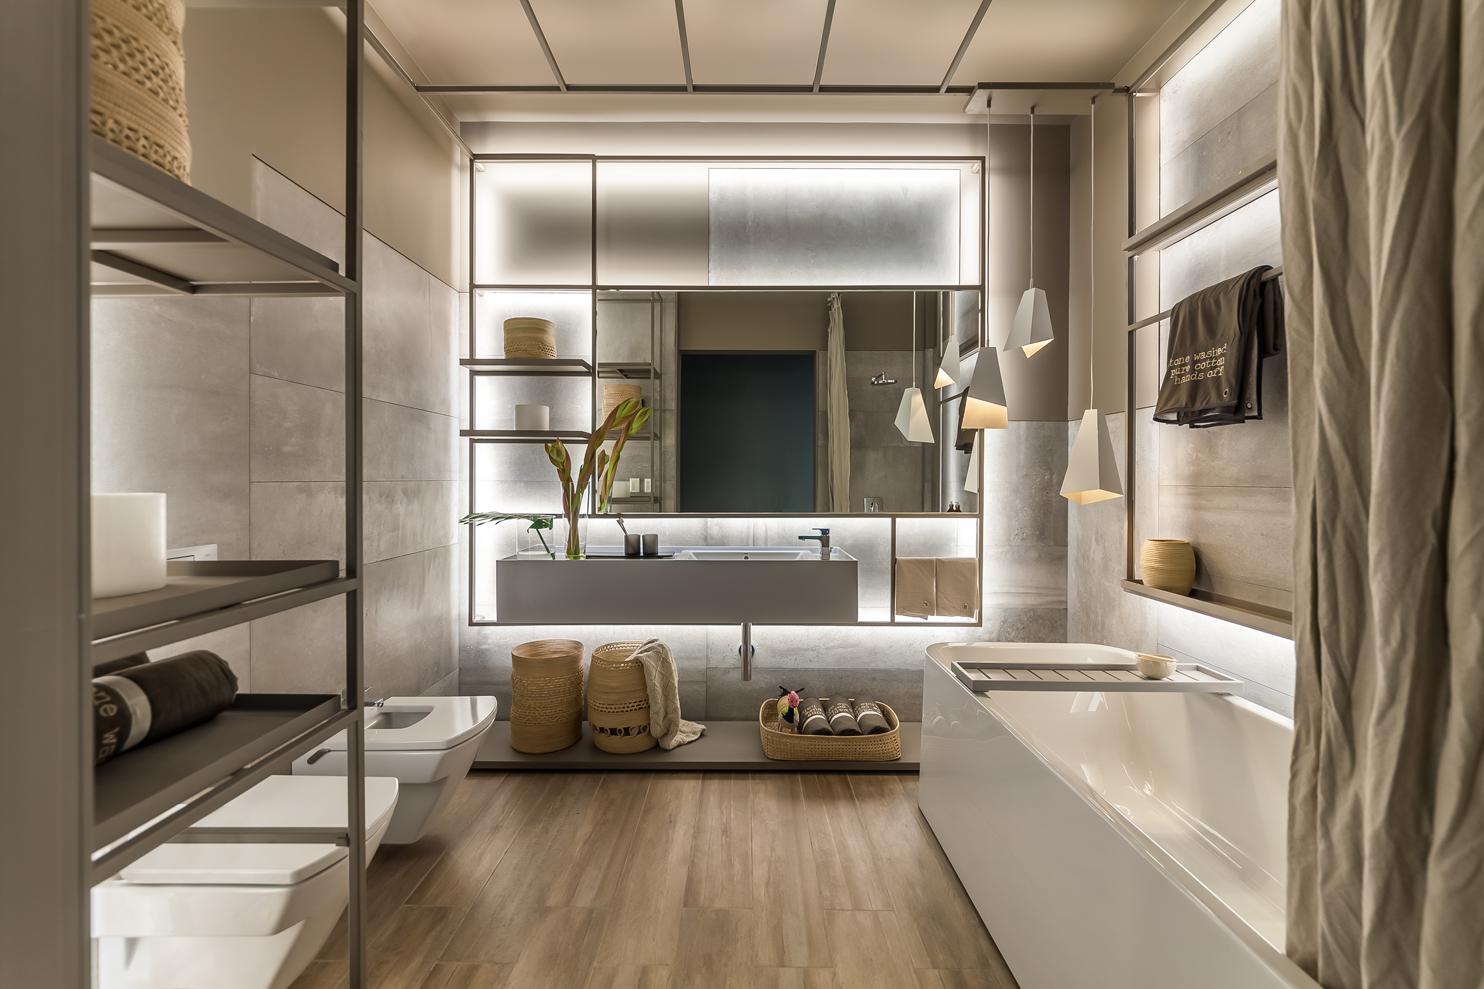 Интерьер ванной с мебелью